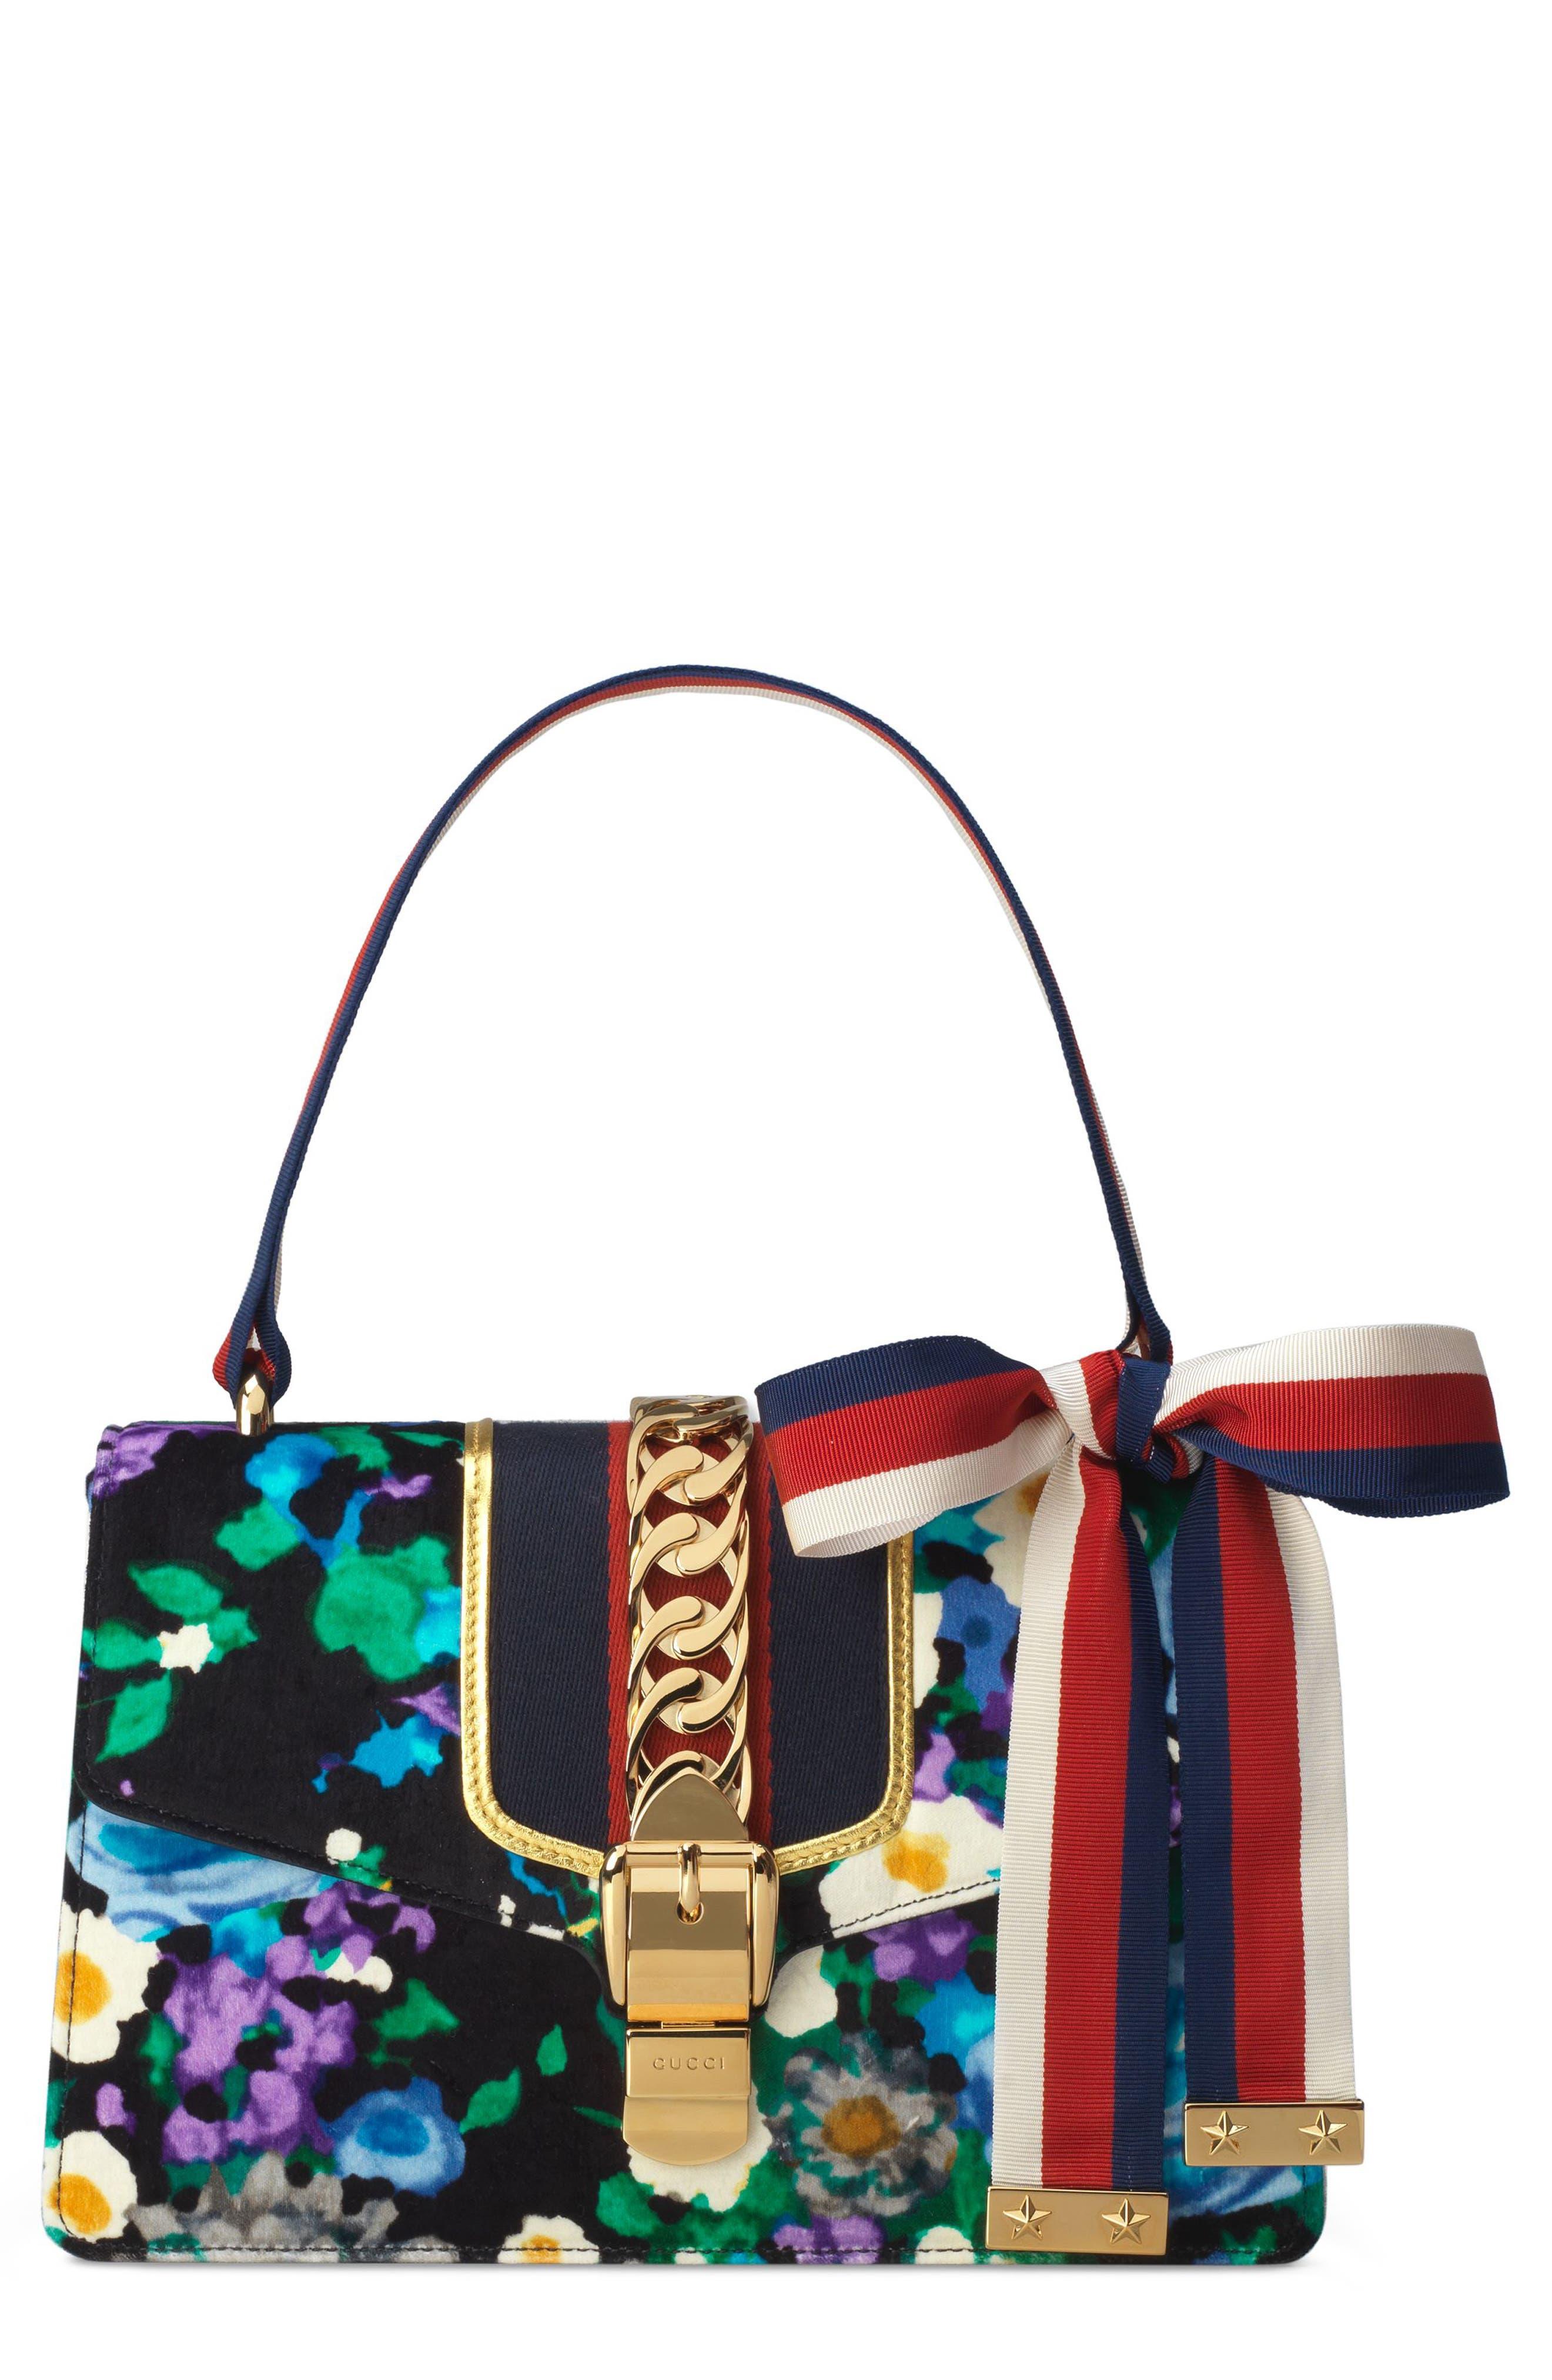 Small Floral Print Leather Shoulder Bag,                         Main,                         color, Black/ Blue Red Blue